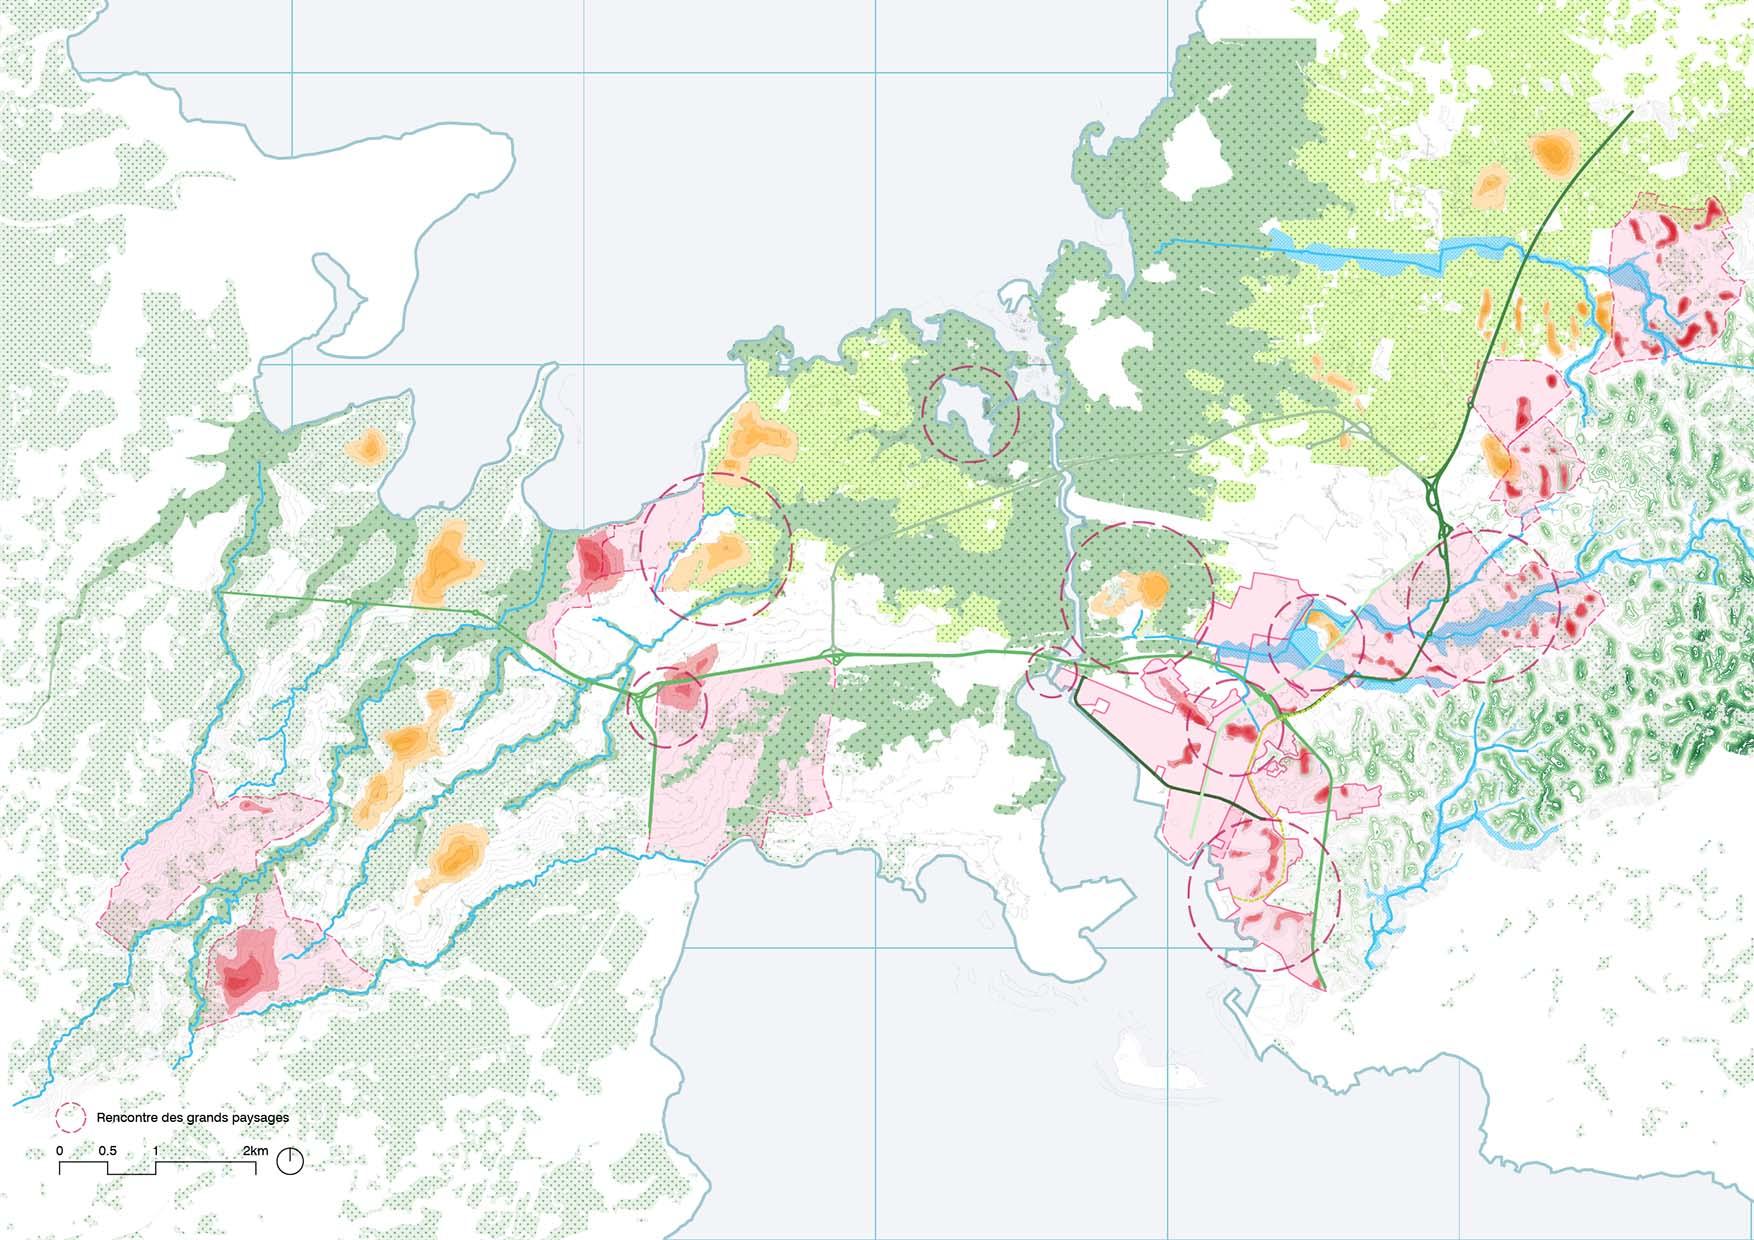 schéma de territoire de la guadeloupe a grande échelle